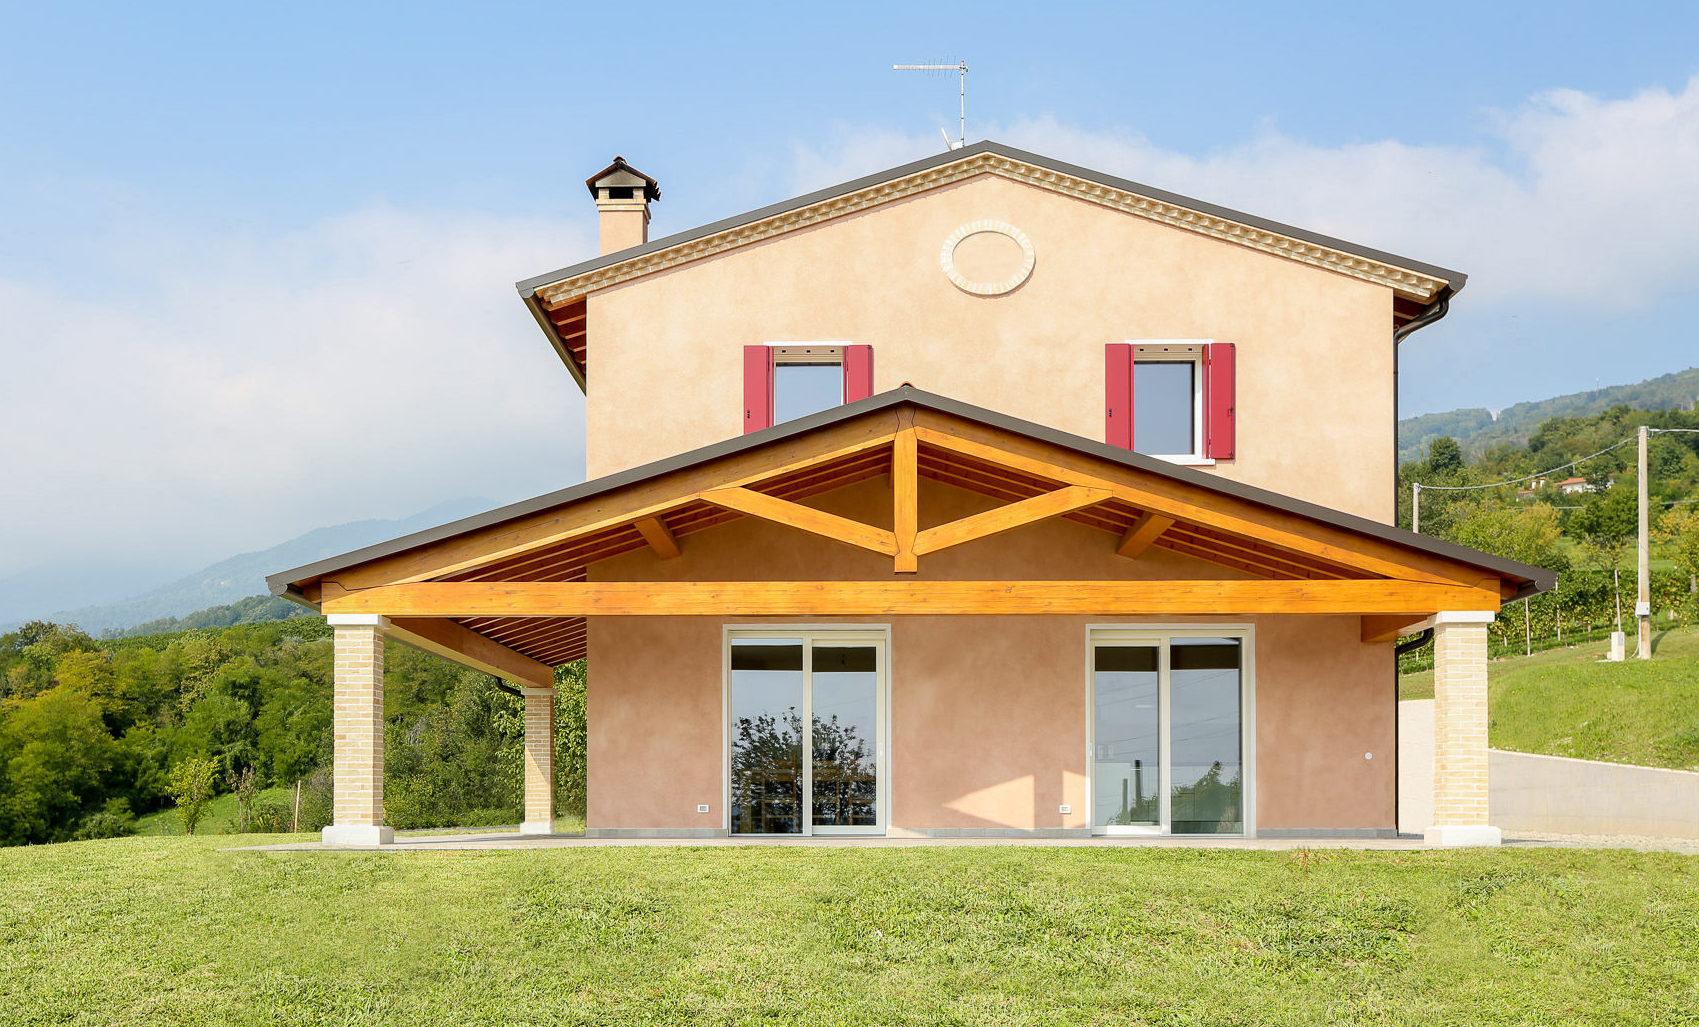 Case In Legno Costi : Case in legno di casa prefabbricate costi prezzi passiva classe